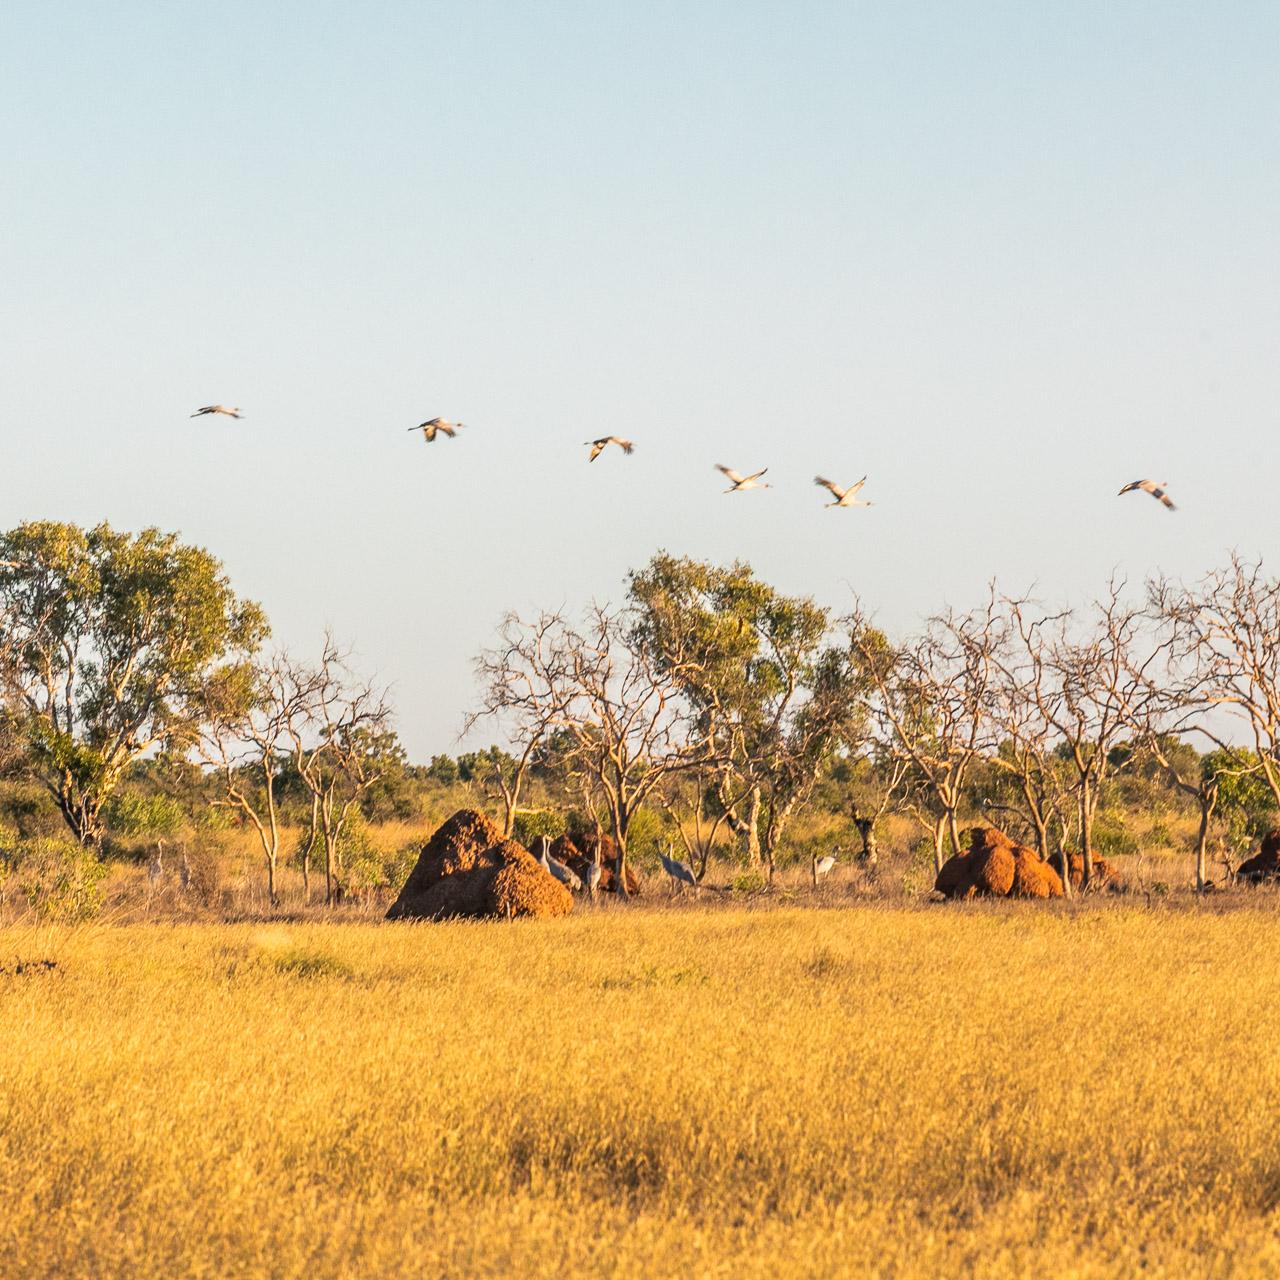 Brolgas and termite hills on the Pilbara coast